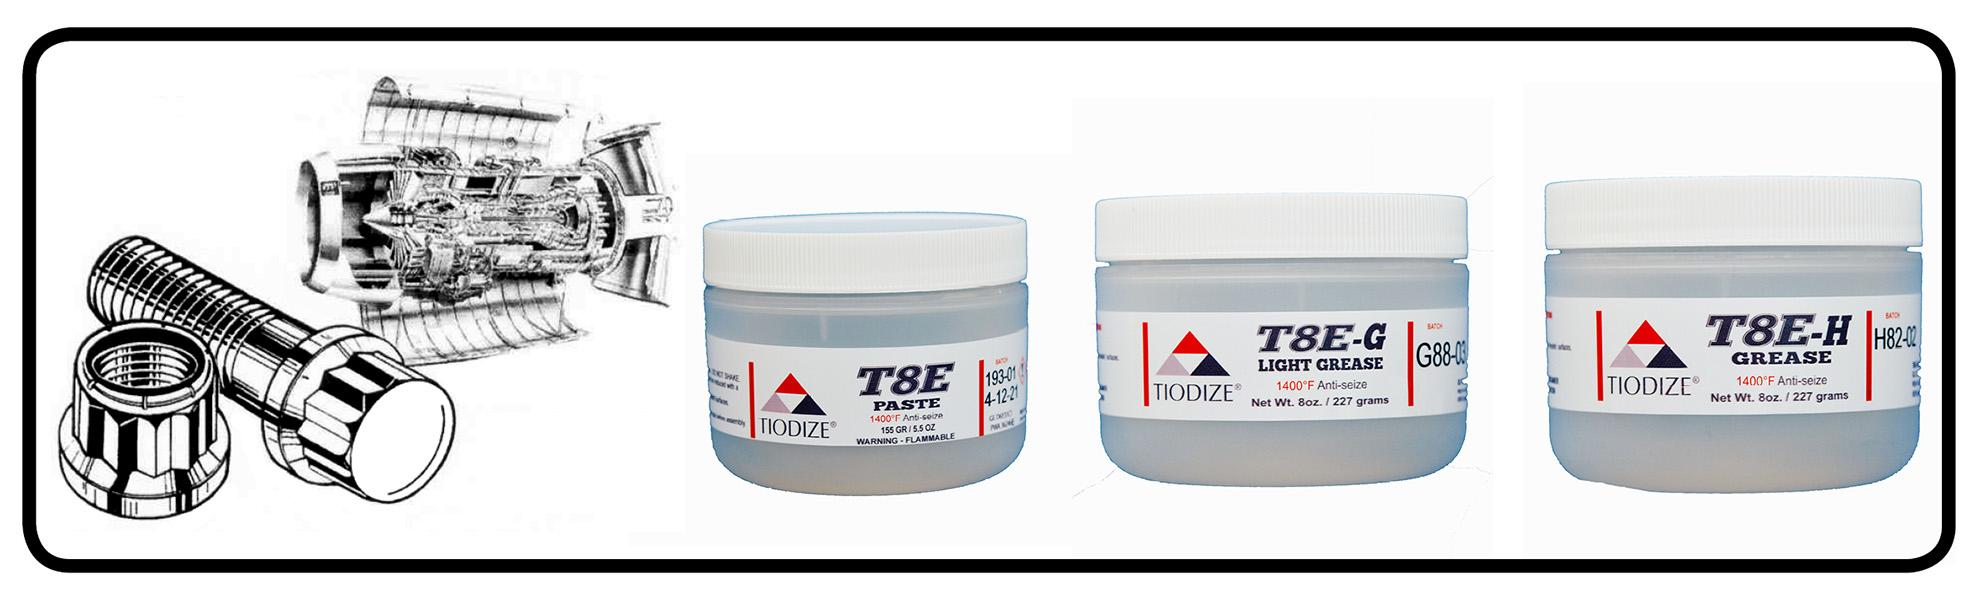 Tiodize T8E – 1400°F Lubricative Anti-Seize Greases